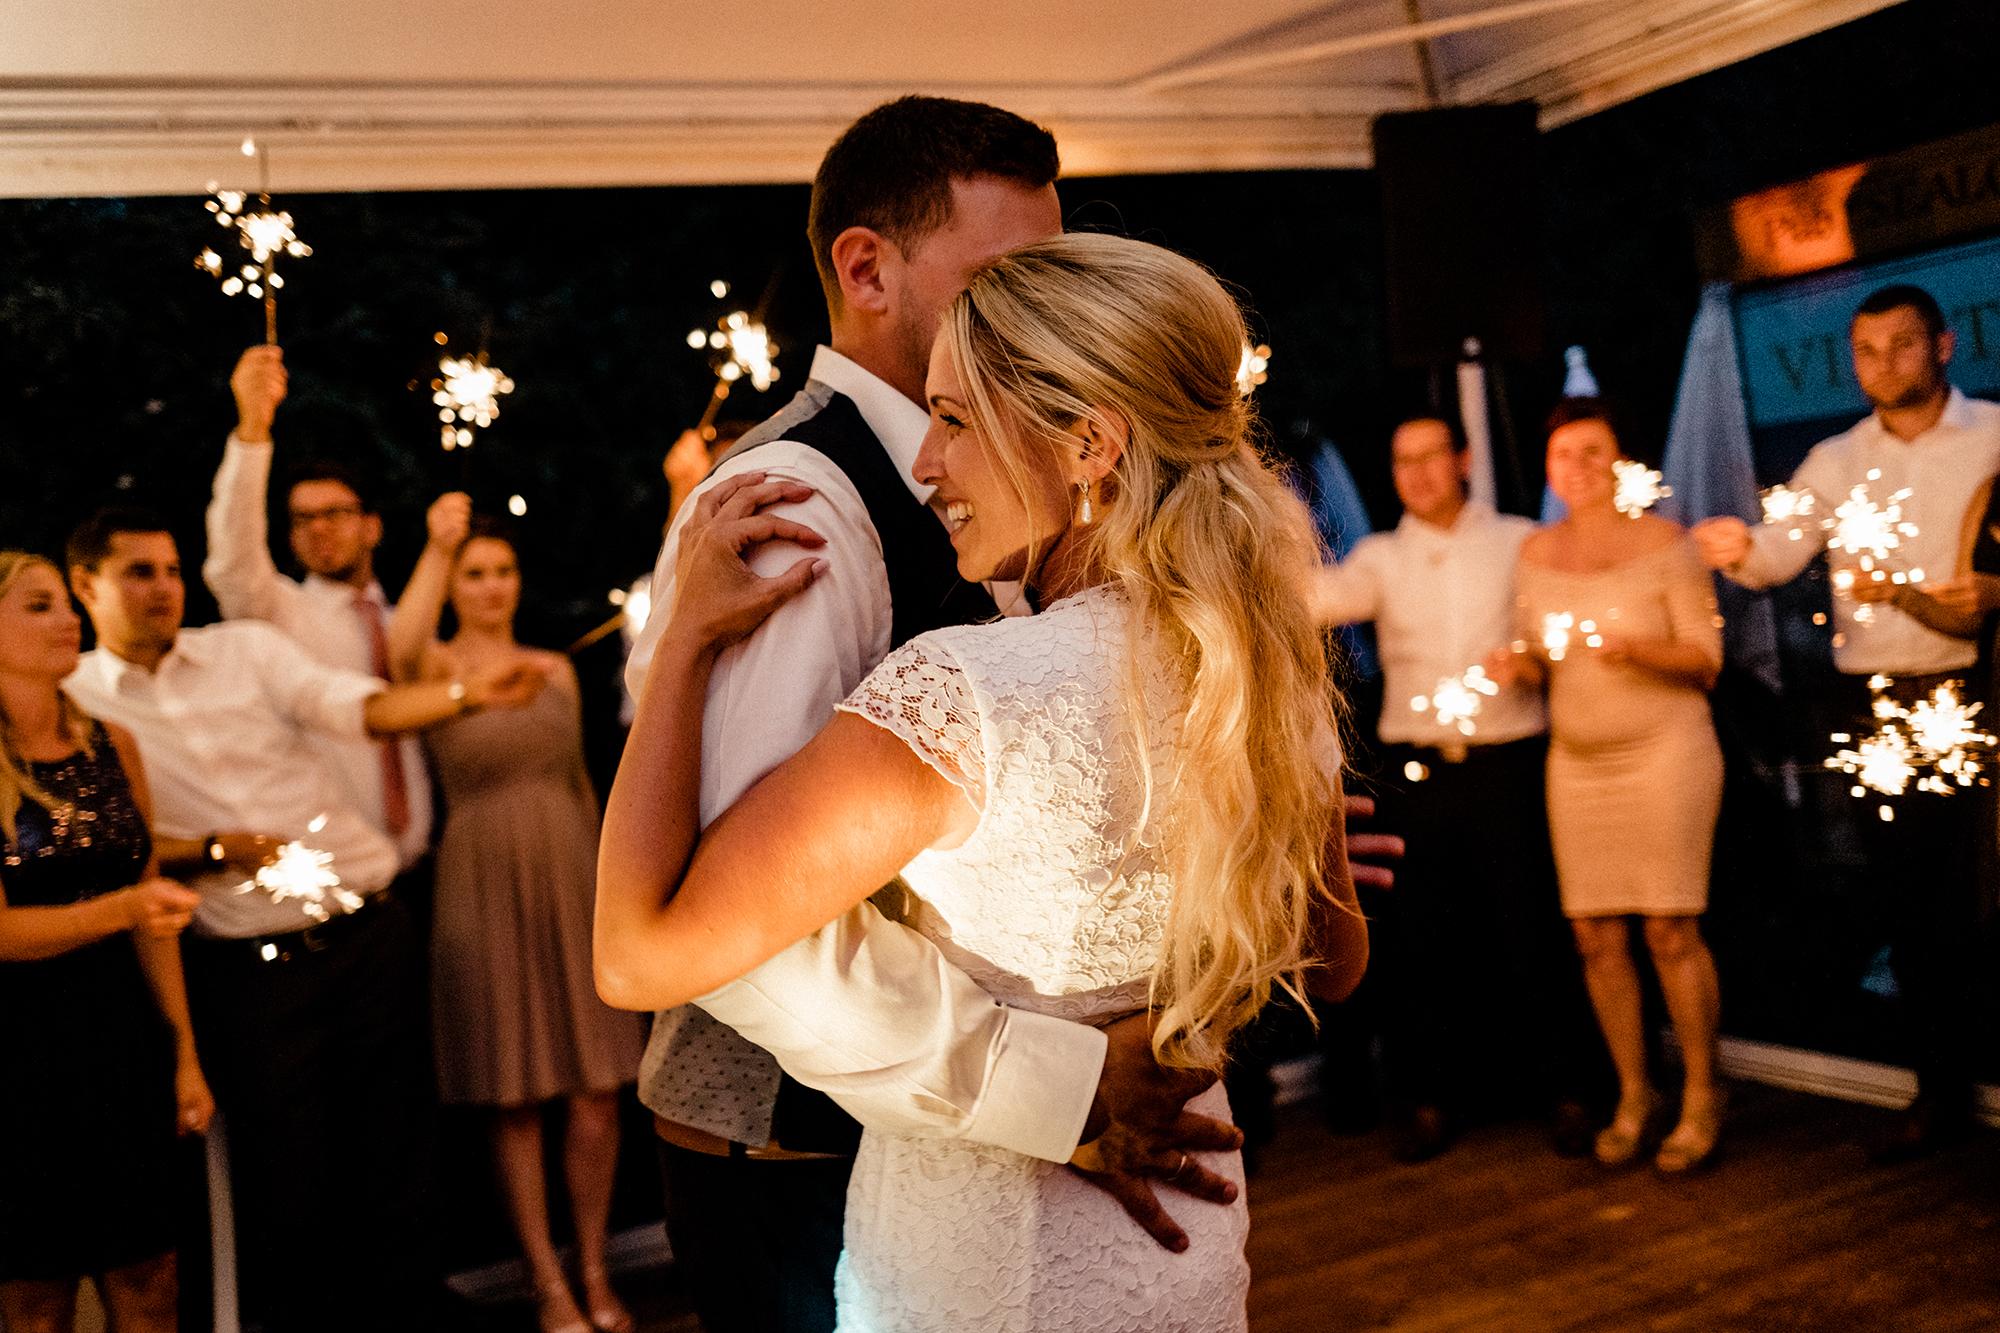 Virginia-Pech-Fotografie-Blog-erster-Tanz-Hochzeiten-Hochzeitsfotografie-Hochzeitsfotograf-Berlin-Schwerin-01